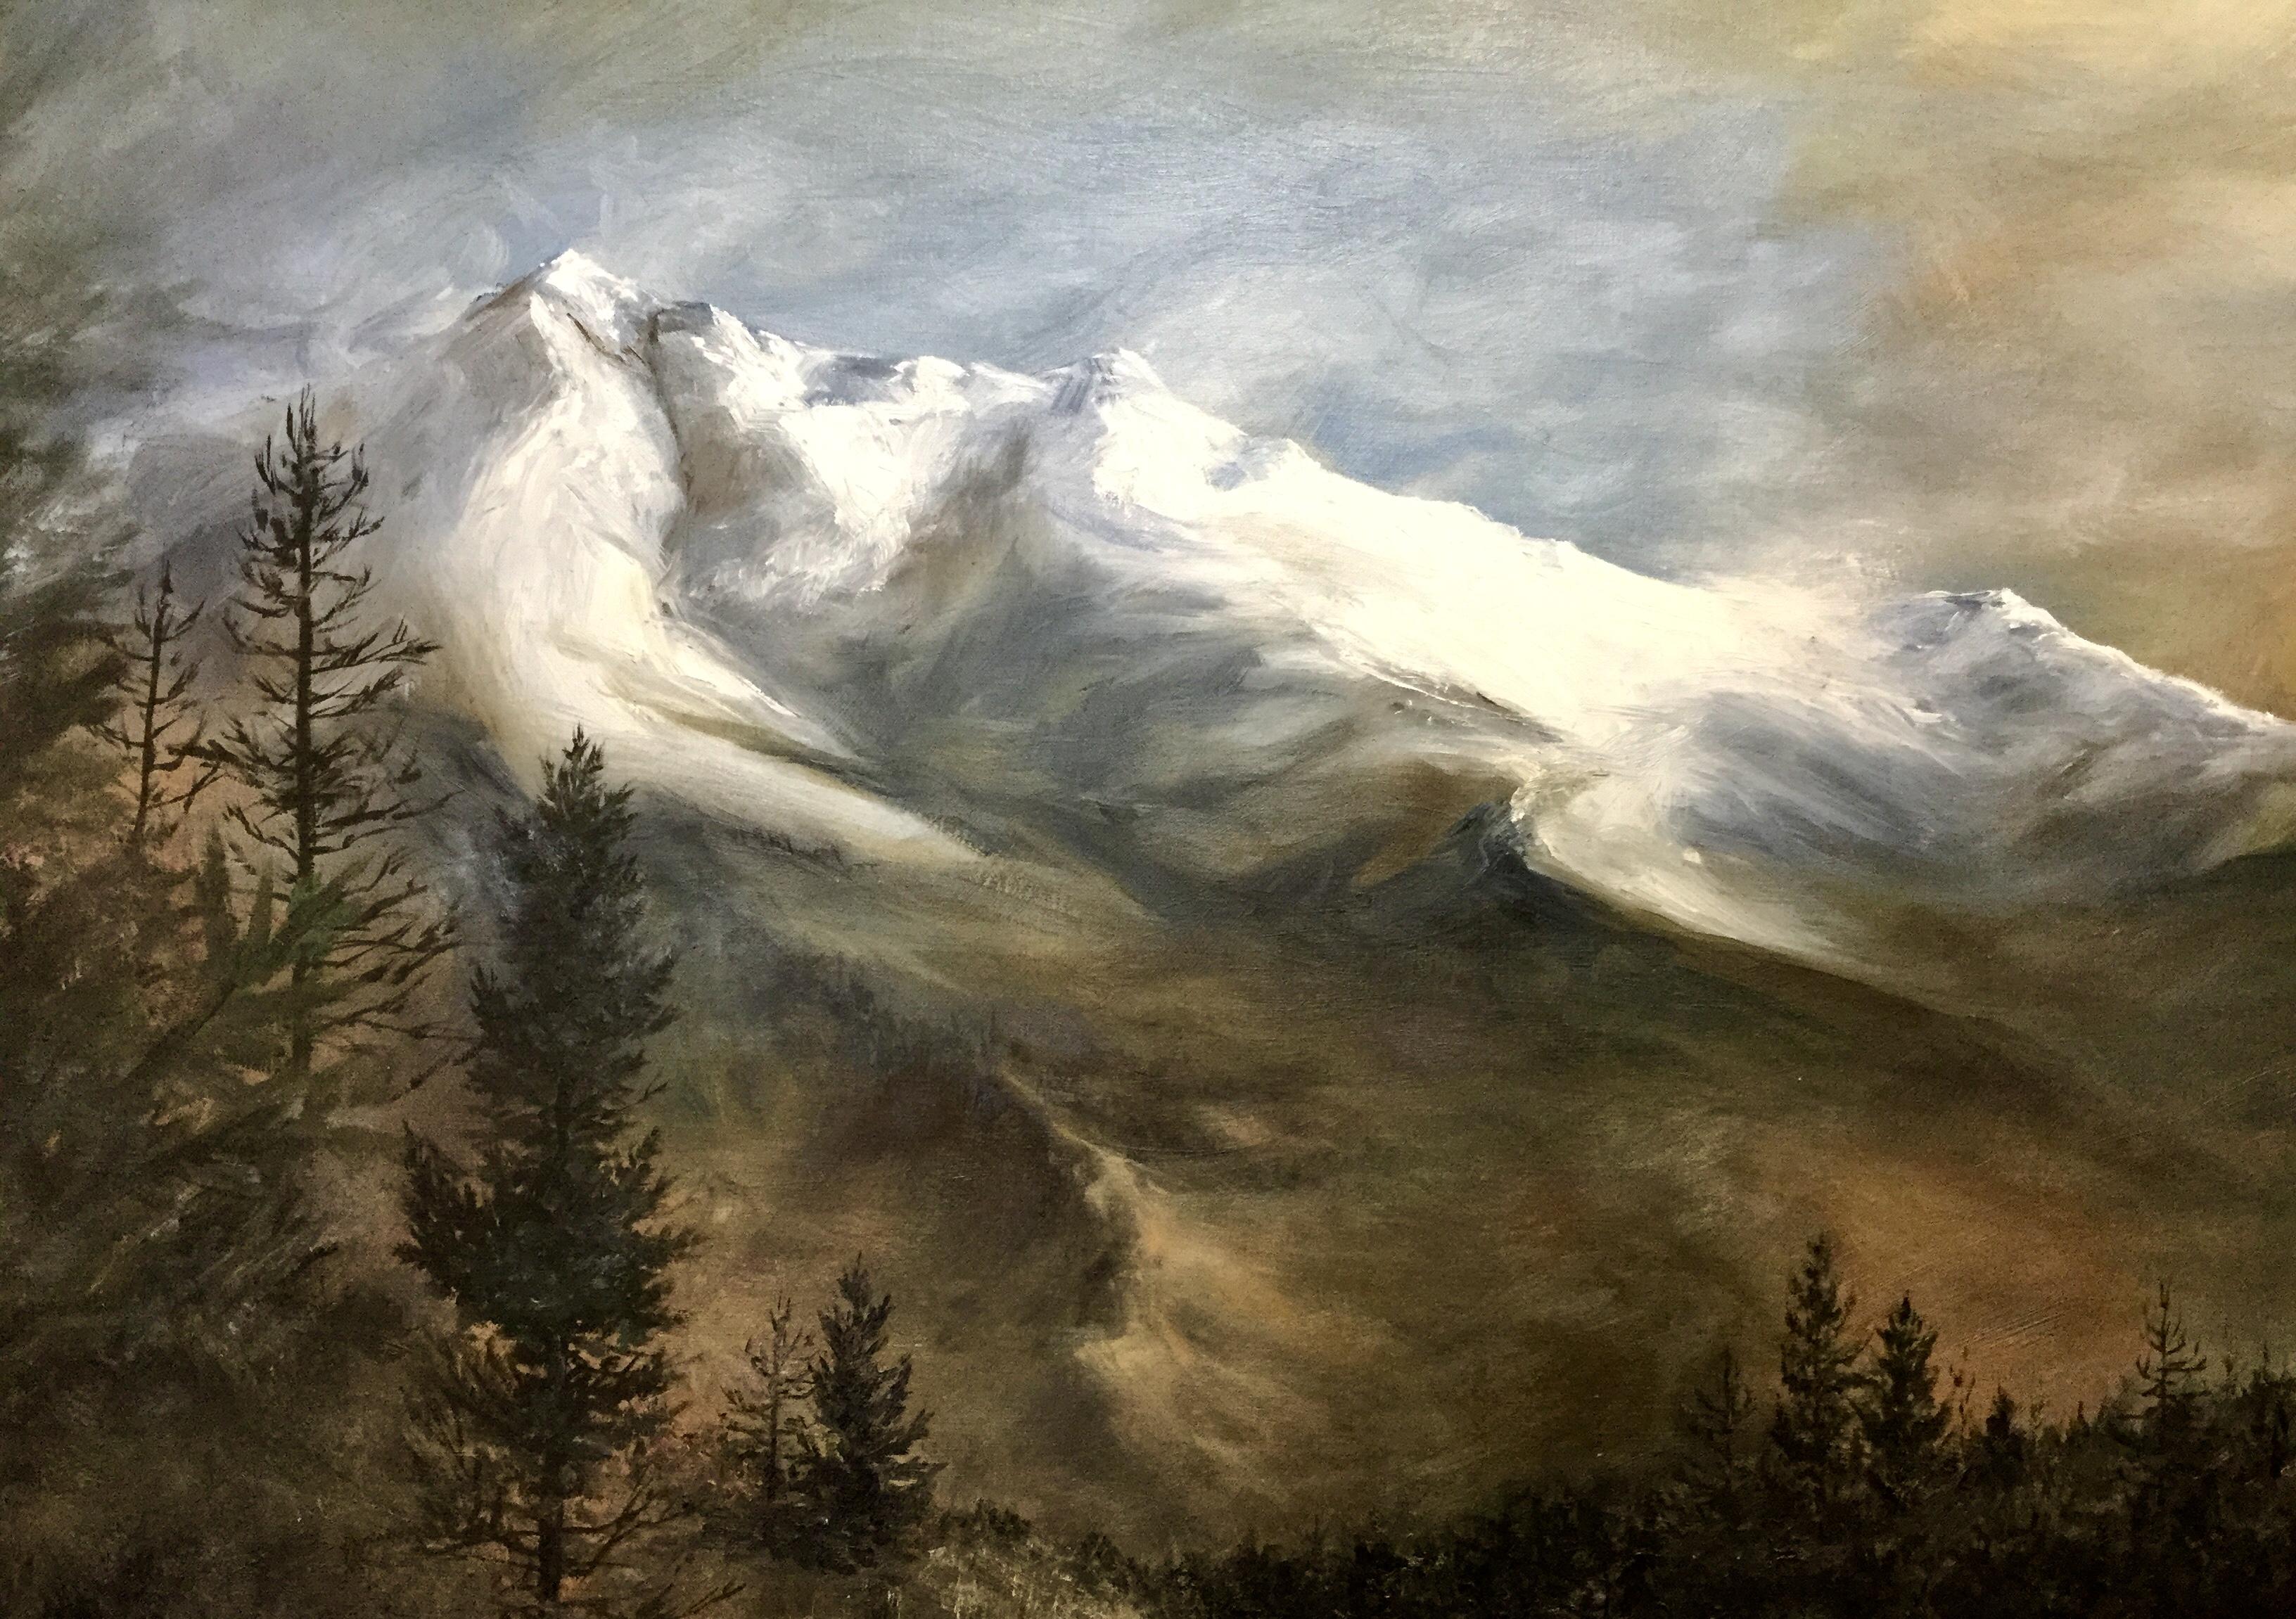 Ksanka Mountain oil painting